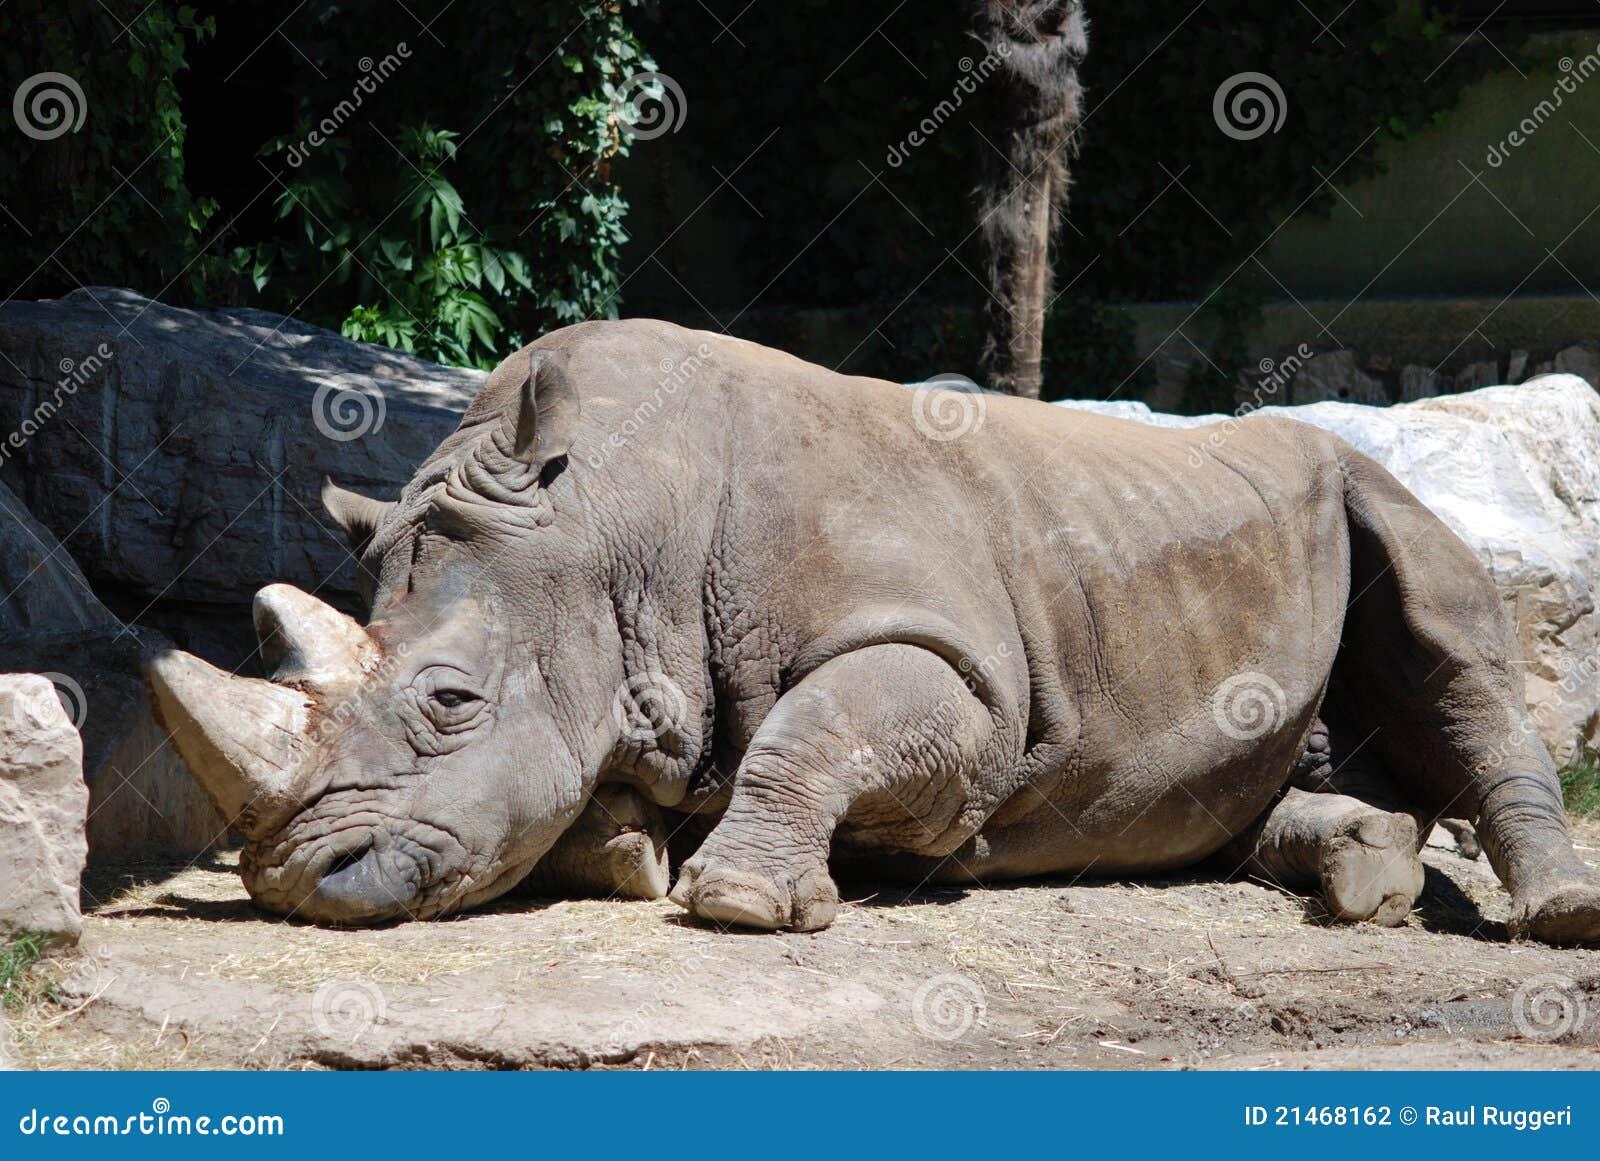 Sleeping Rhino by Gary Gantert - Photo 2920376 / 500px